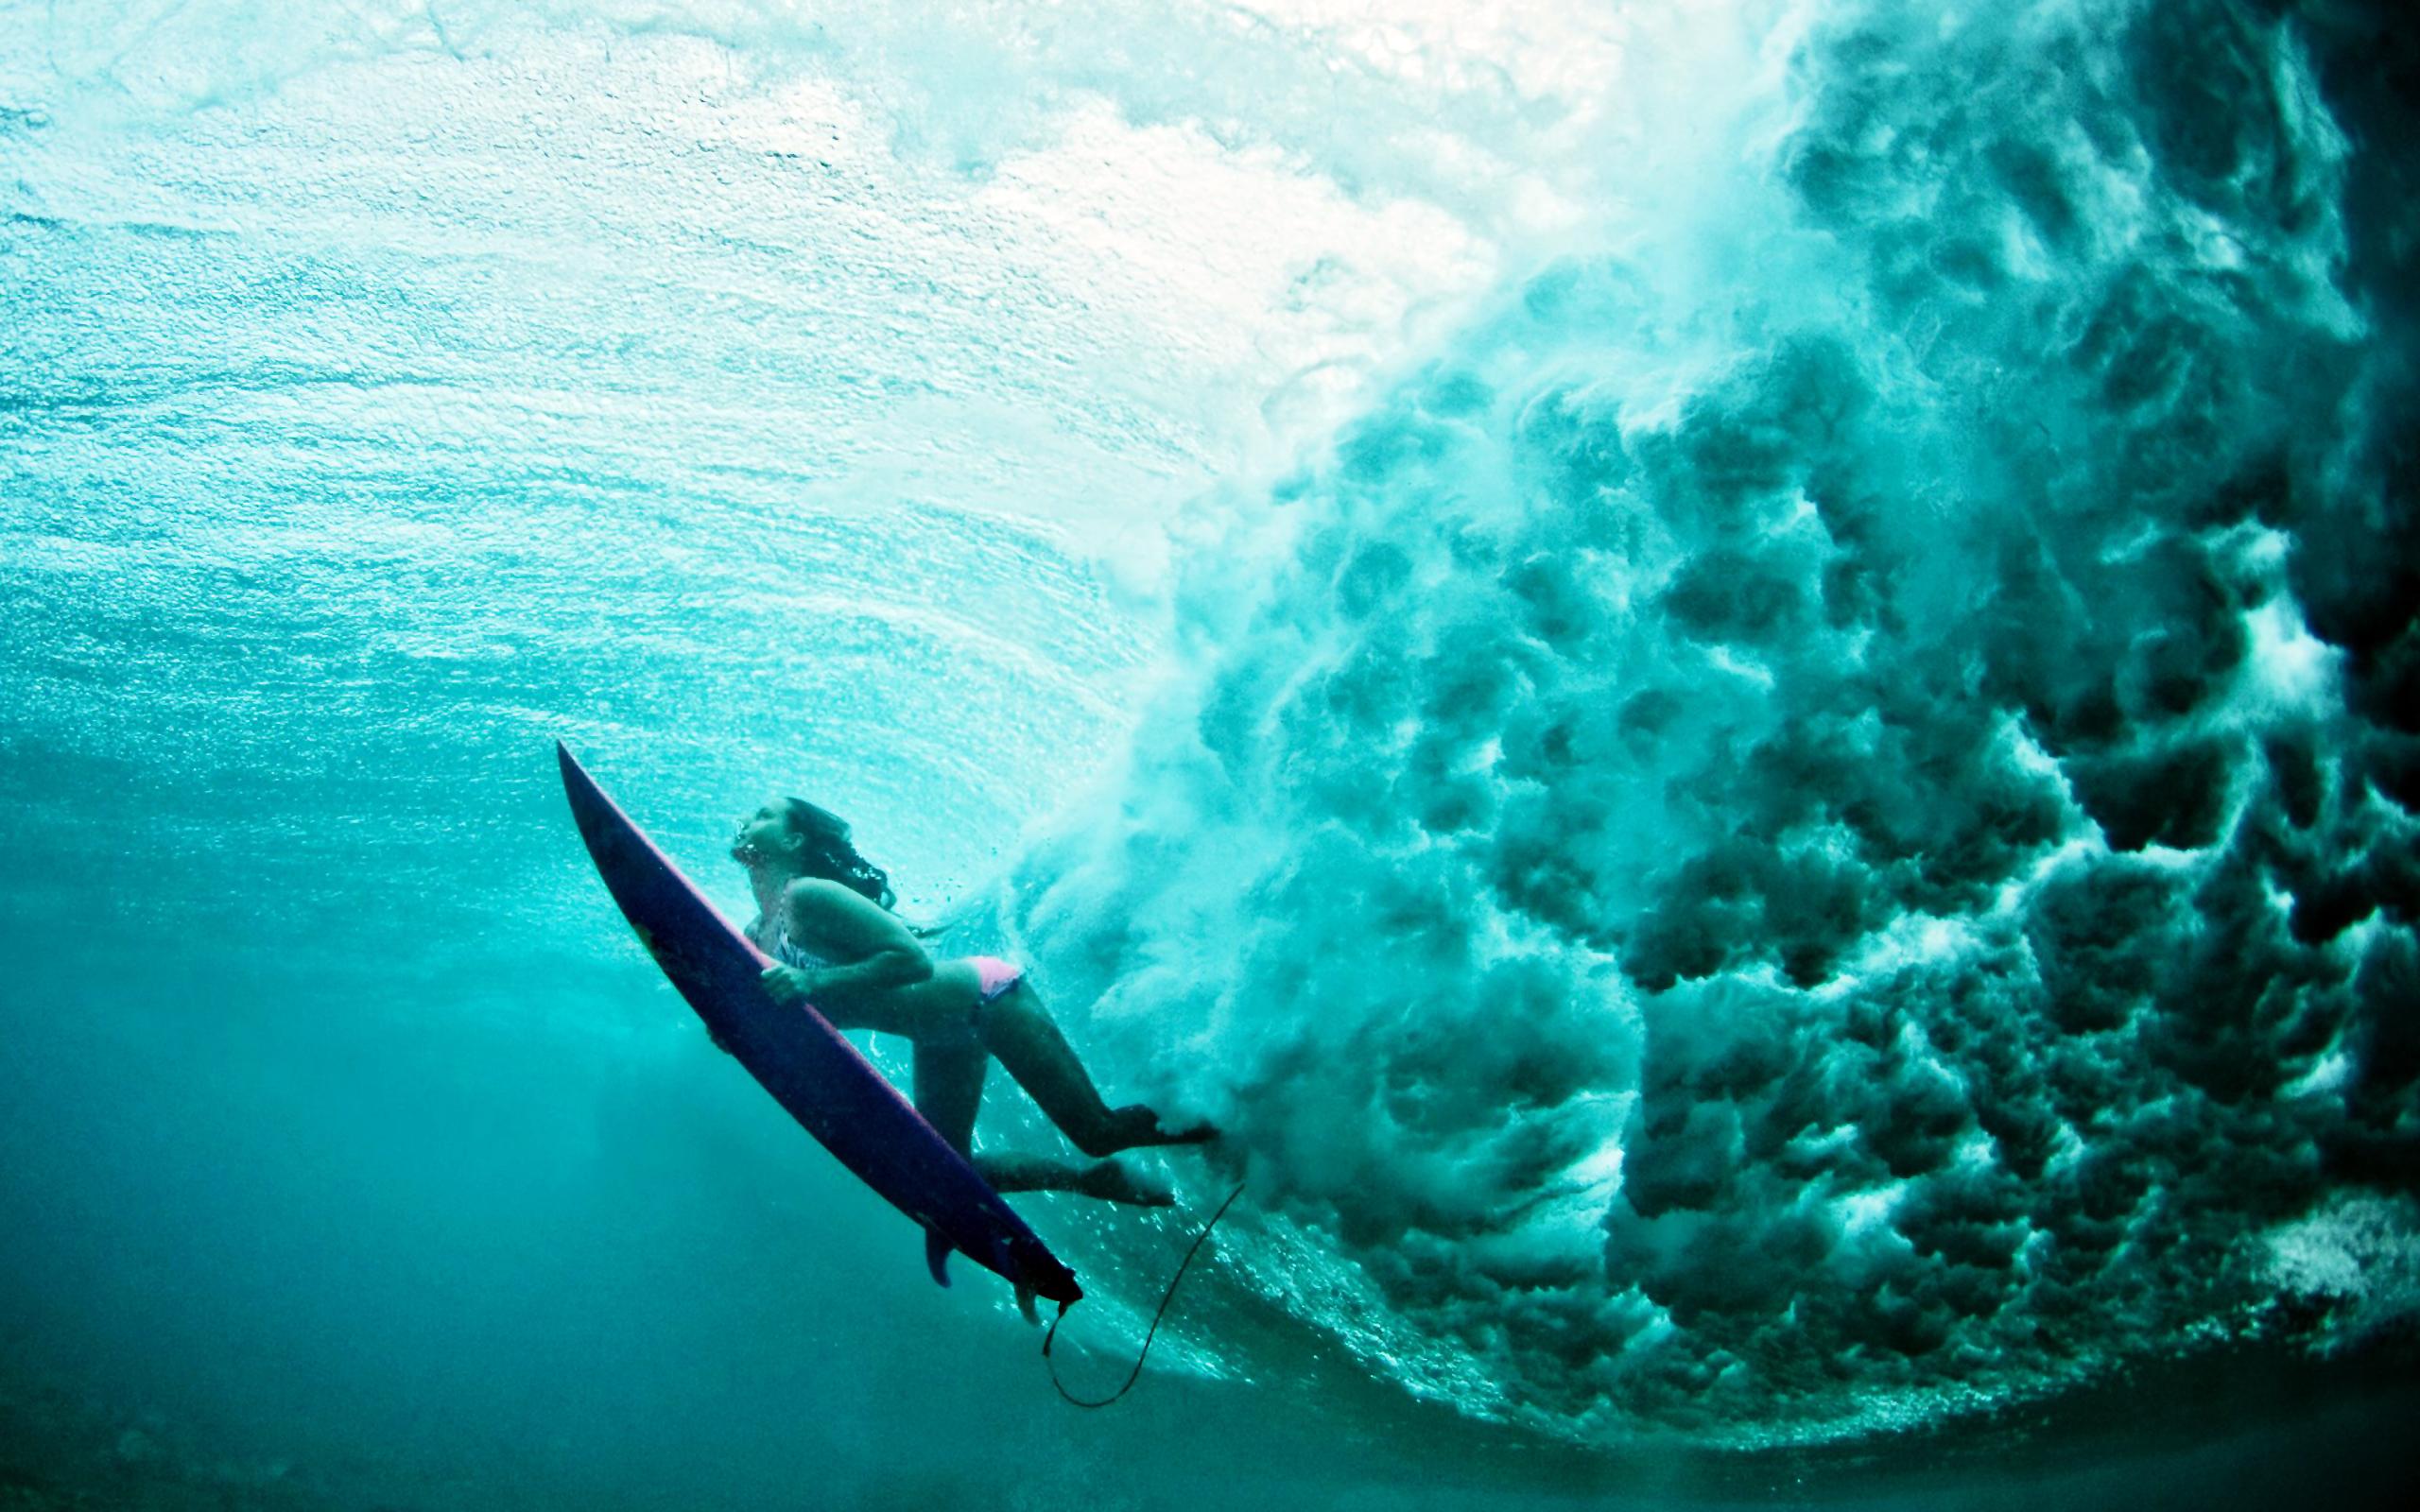 Surfer Girl Wallpaper 1440x900 Terralonginqua Underwater Surf Girl Wallpaper